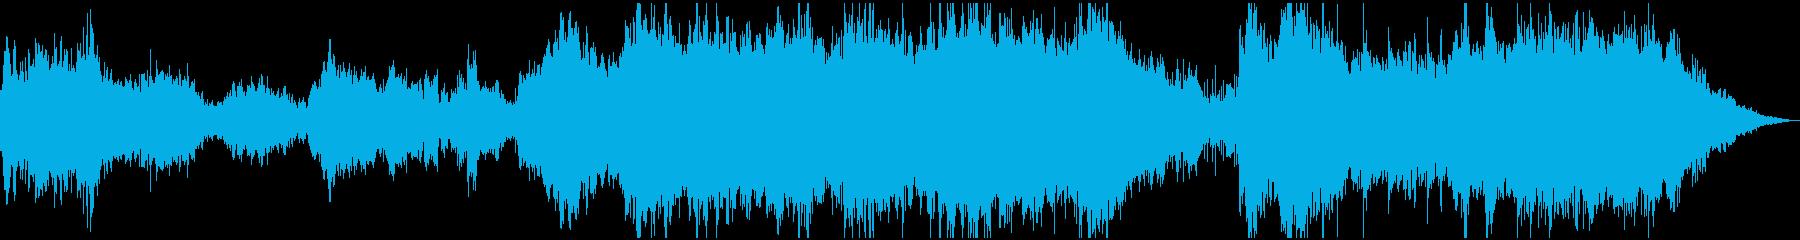 スペーシーなアンビエント音楽の再生済みの波形